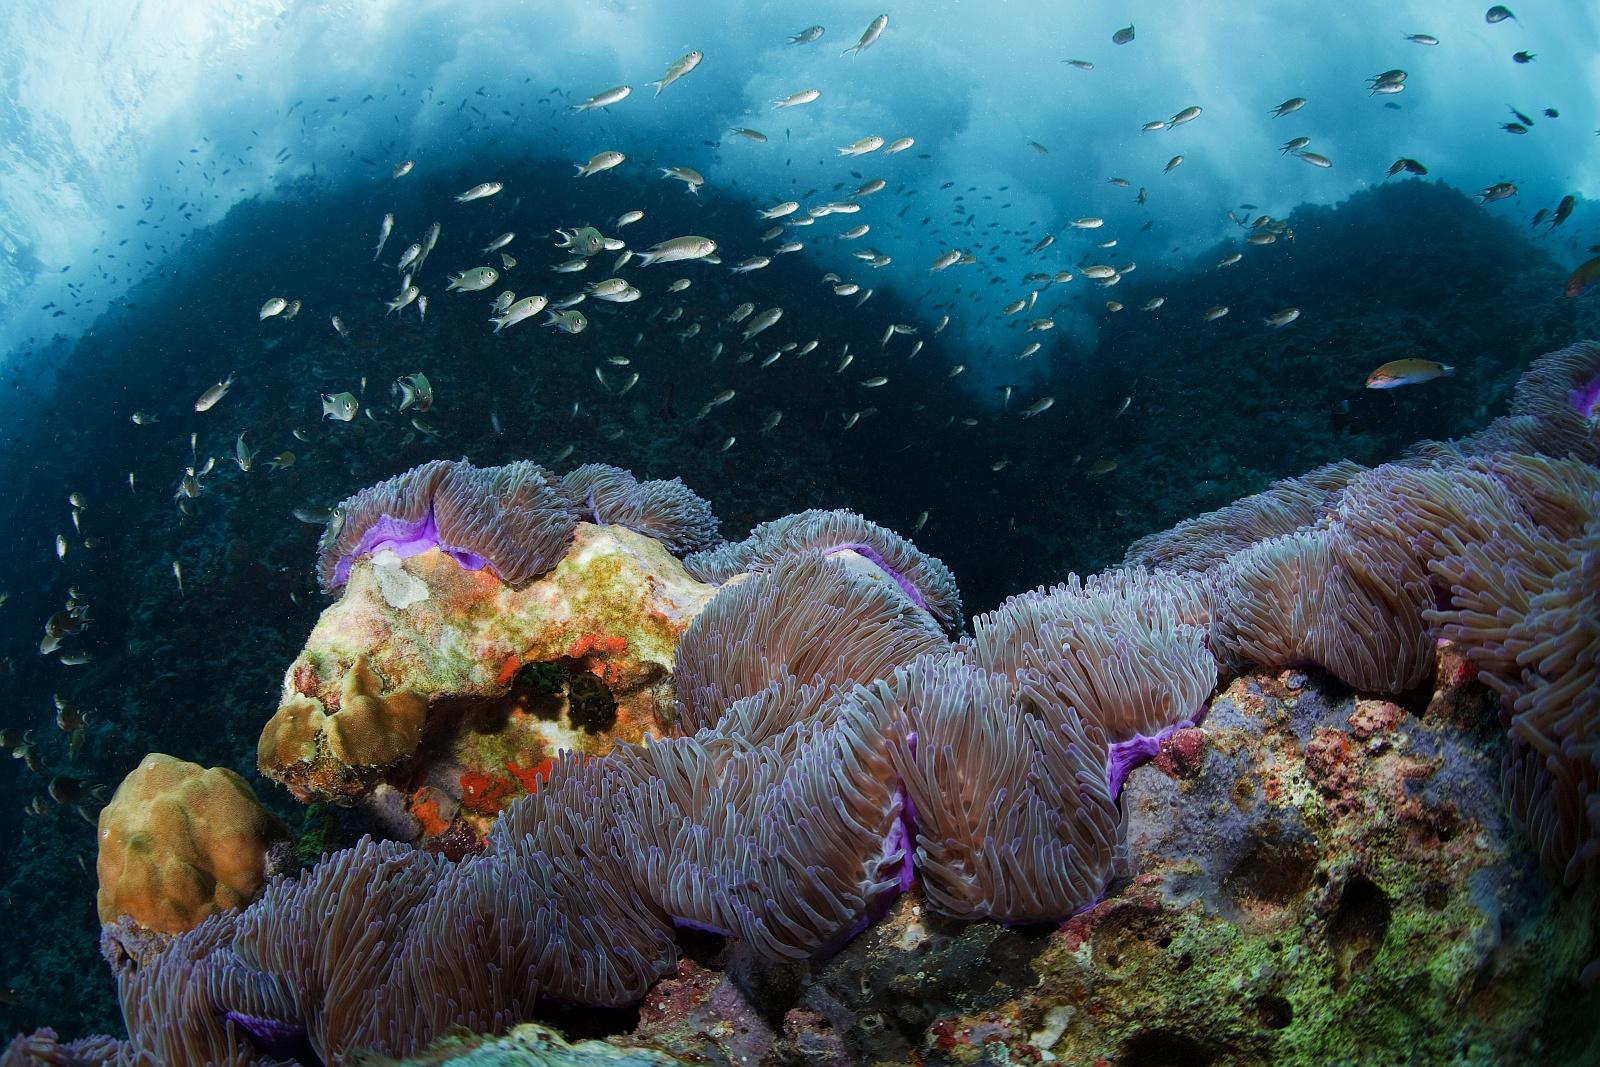 кофе ваза картинки жизнь в морях и океанах разновидность глистной